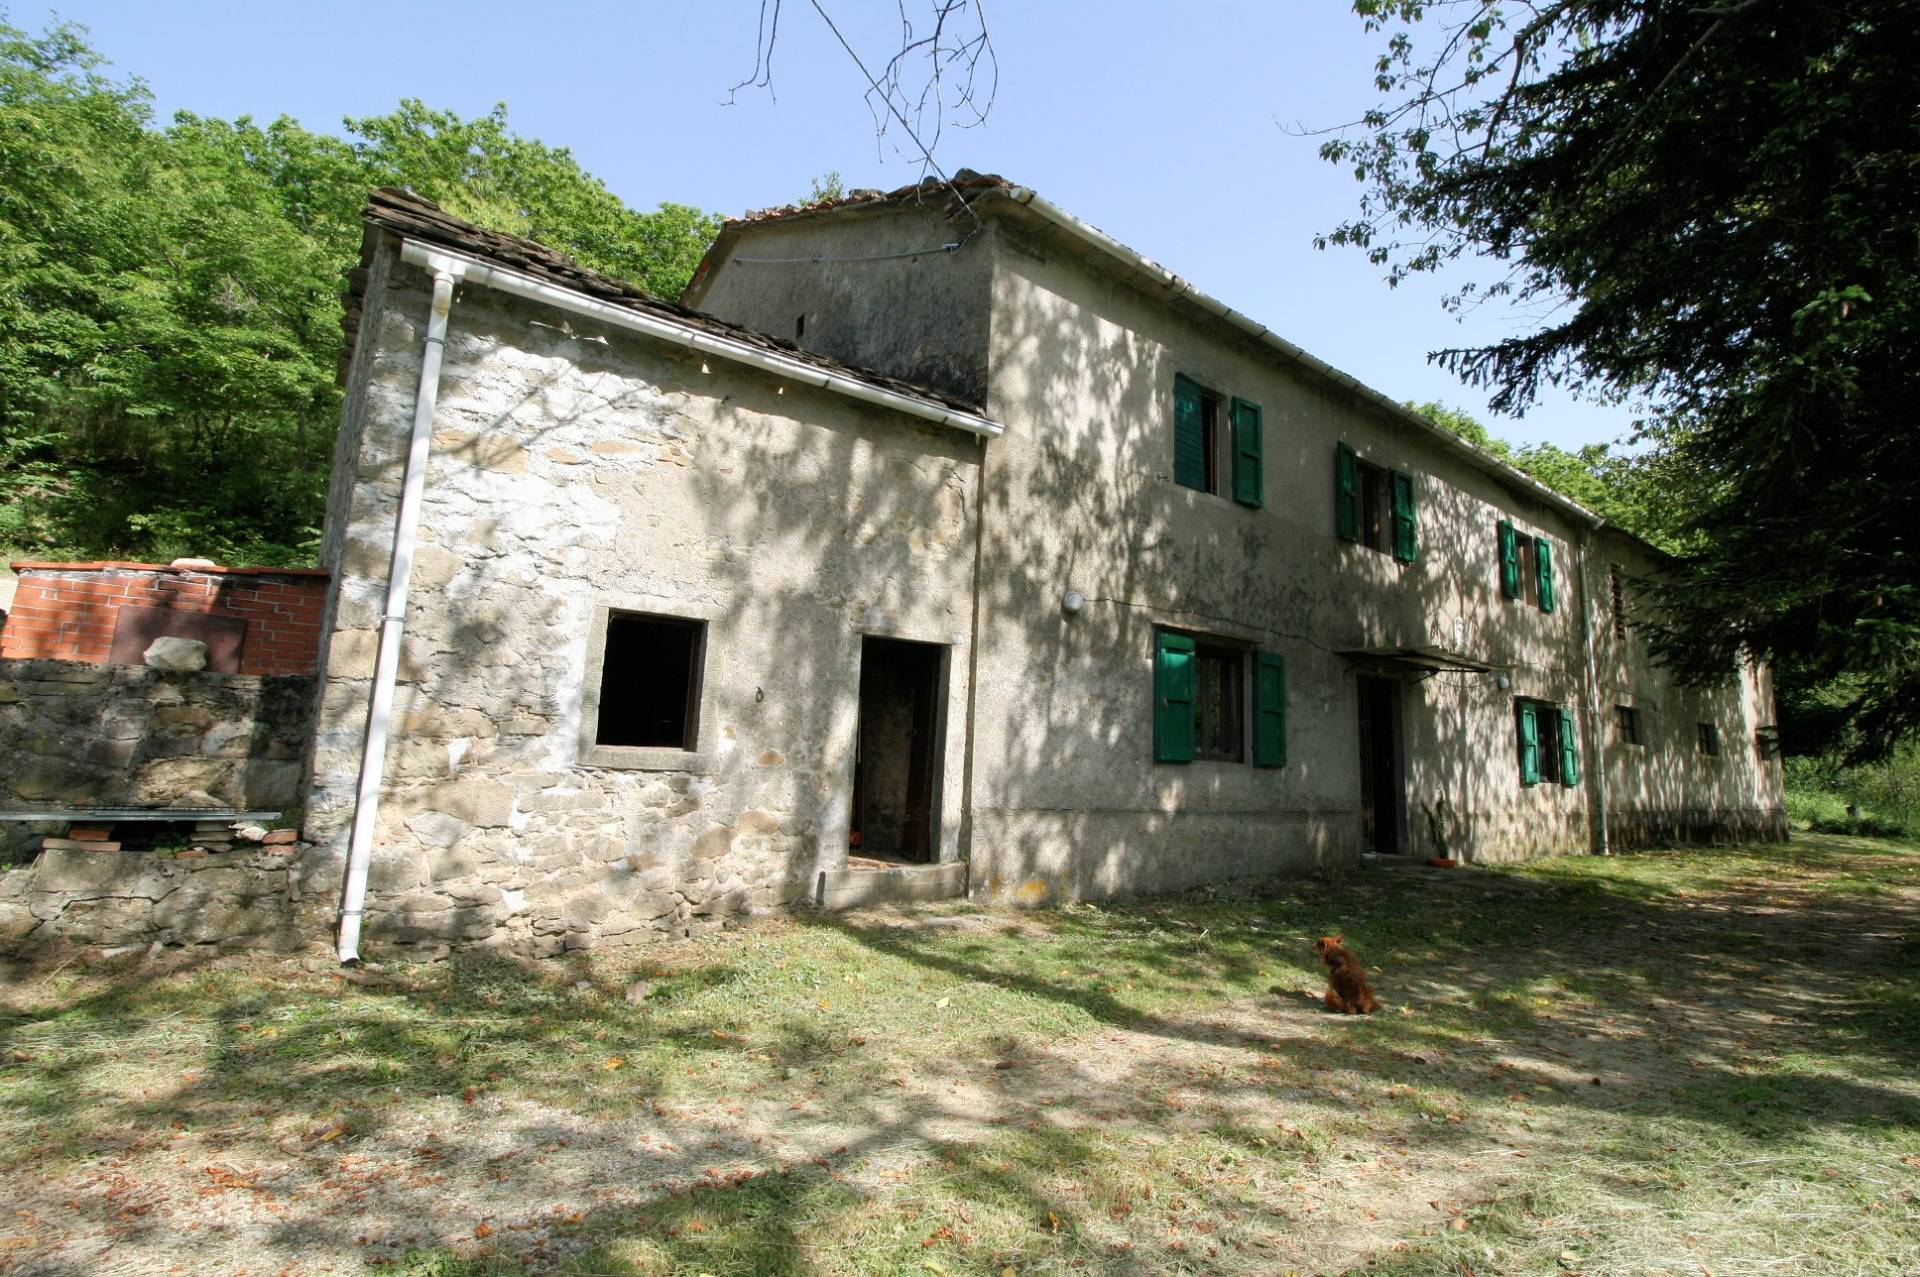 1266-Rustico di ampia superficie da ristrutturare con terreno-San Marcello Piteglio-1 Agenzia Immobiliare ASIP